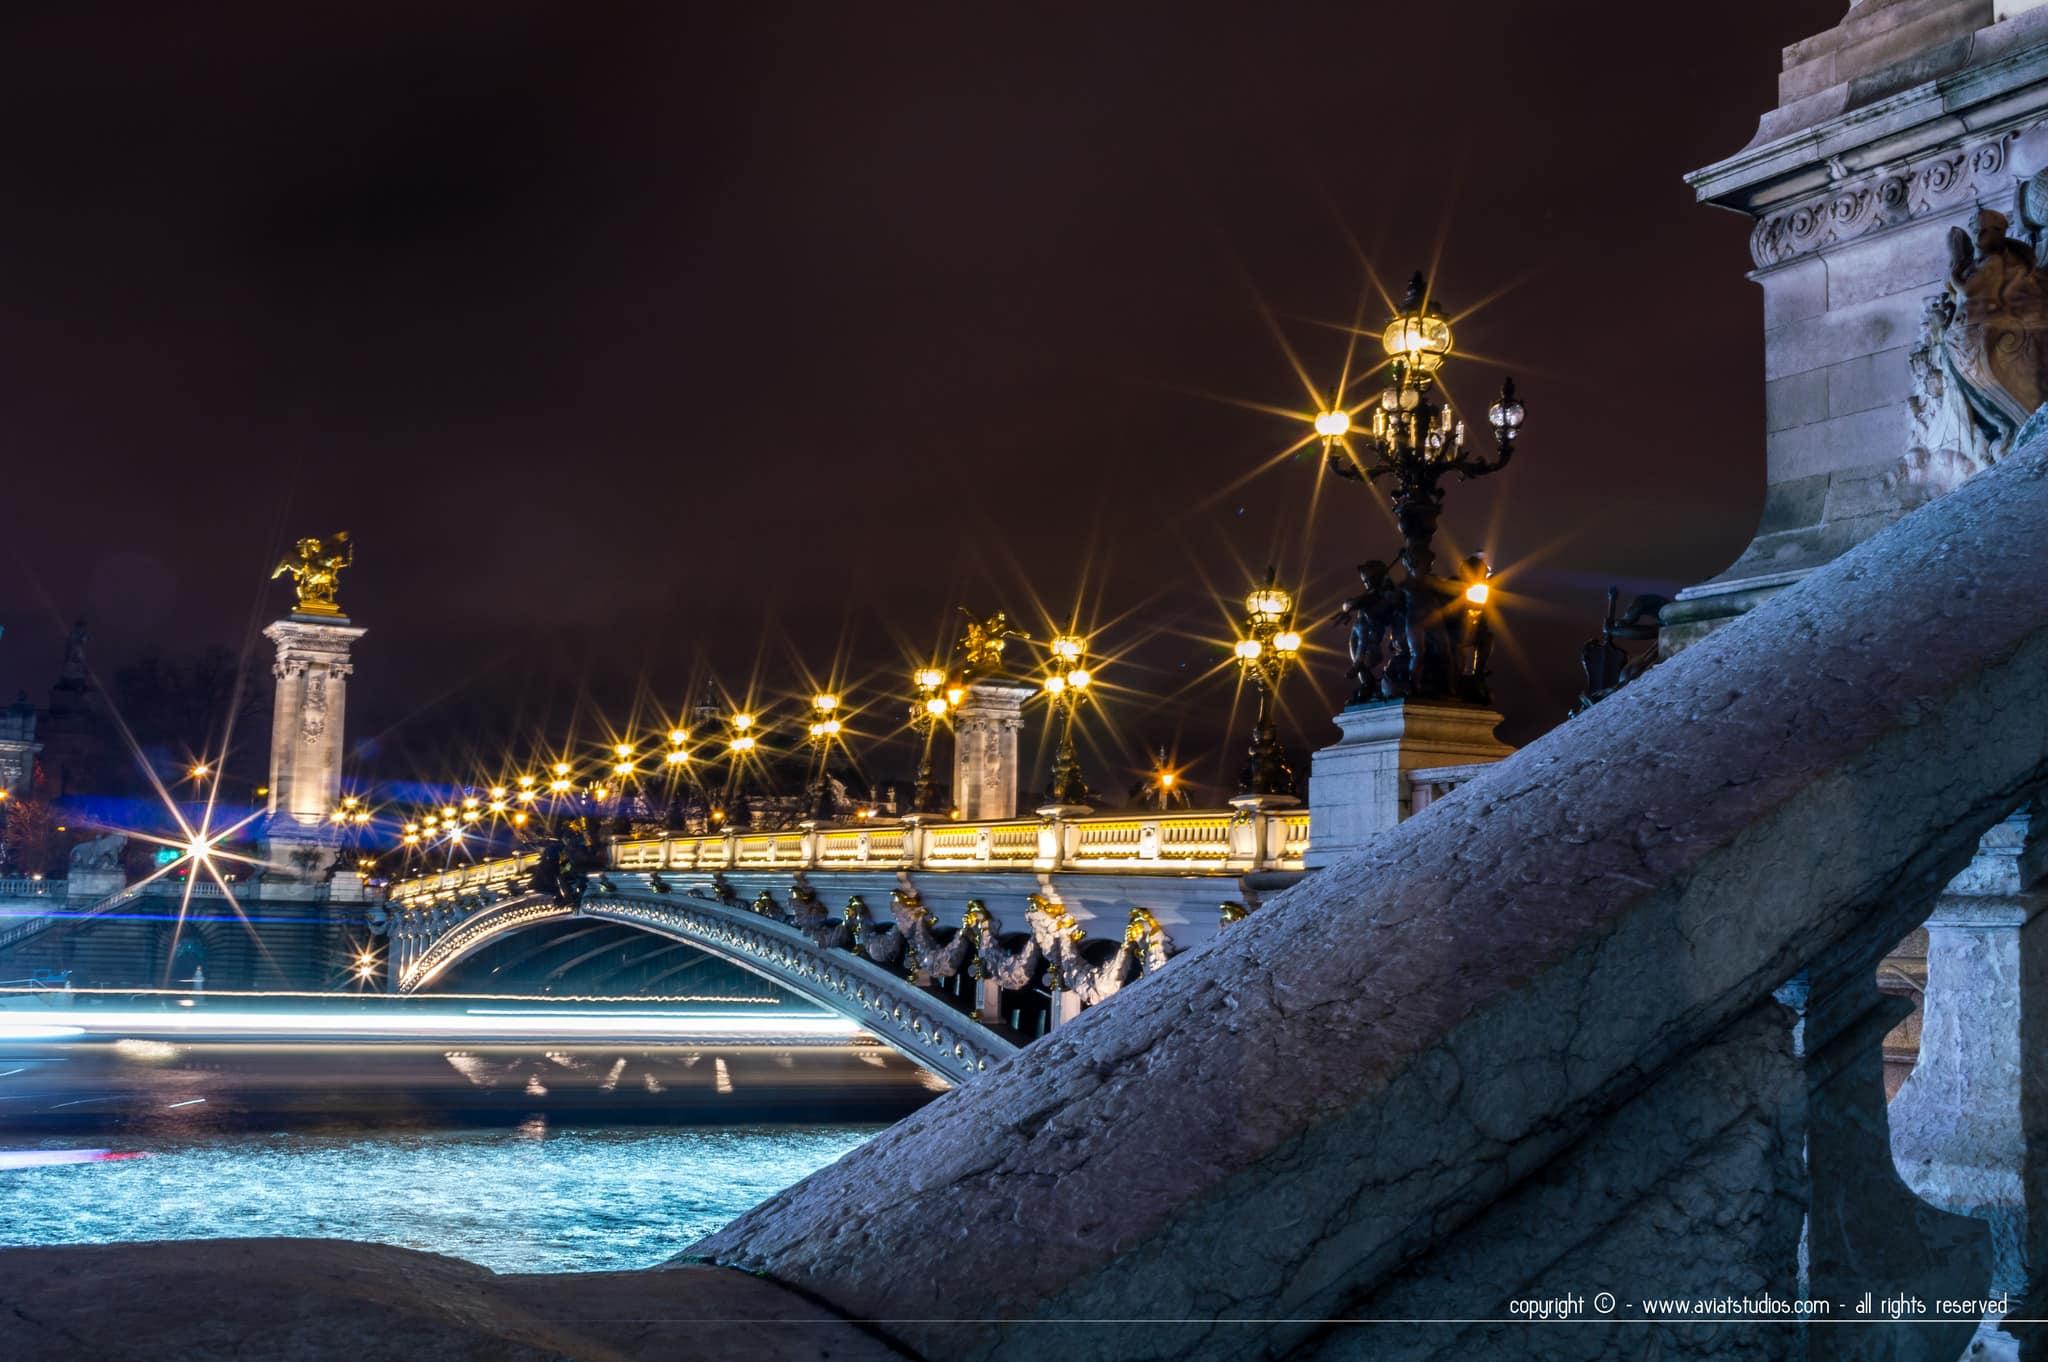 Un week-end à Paris - Balade nocturne sur les quais de Seine